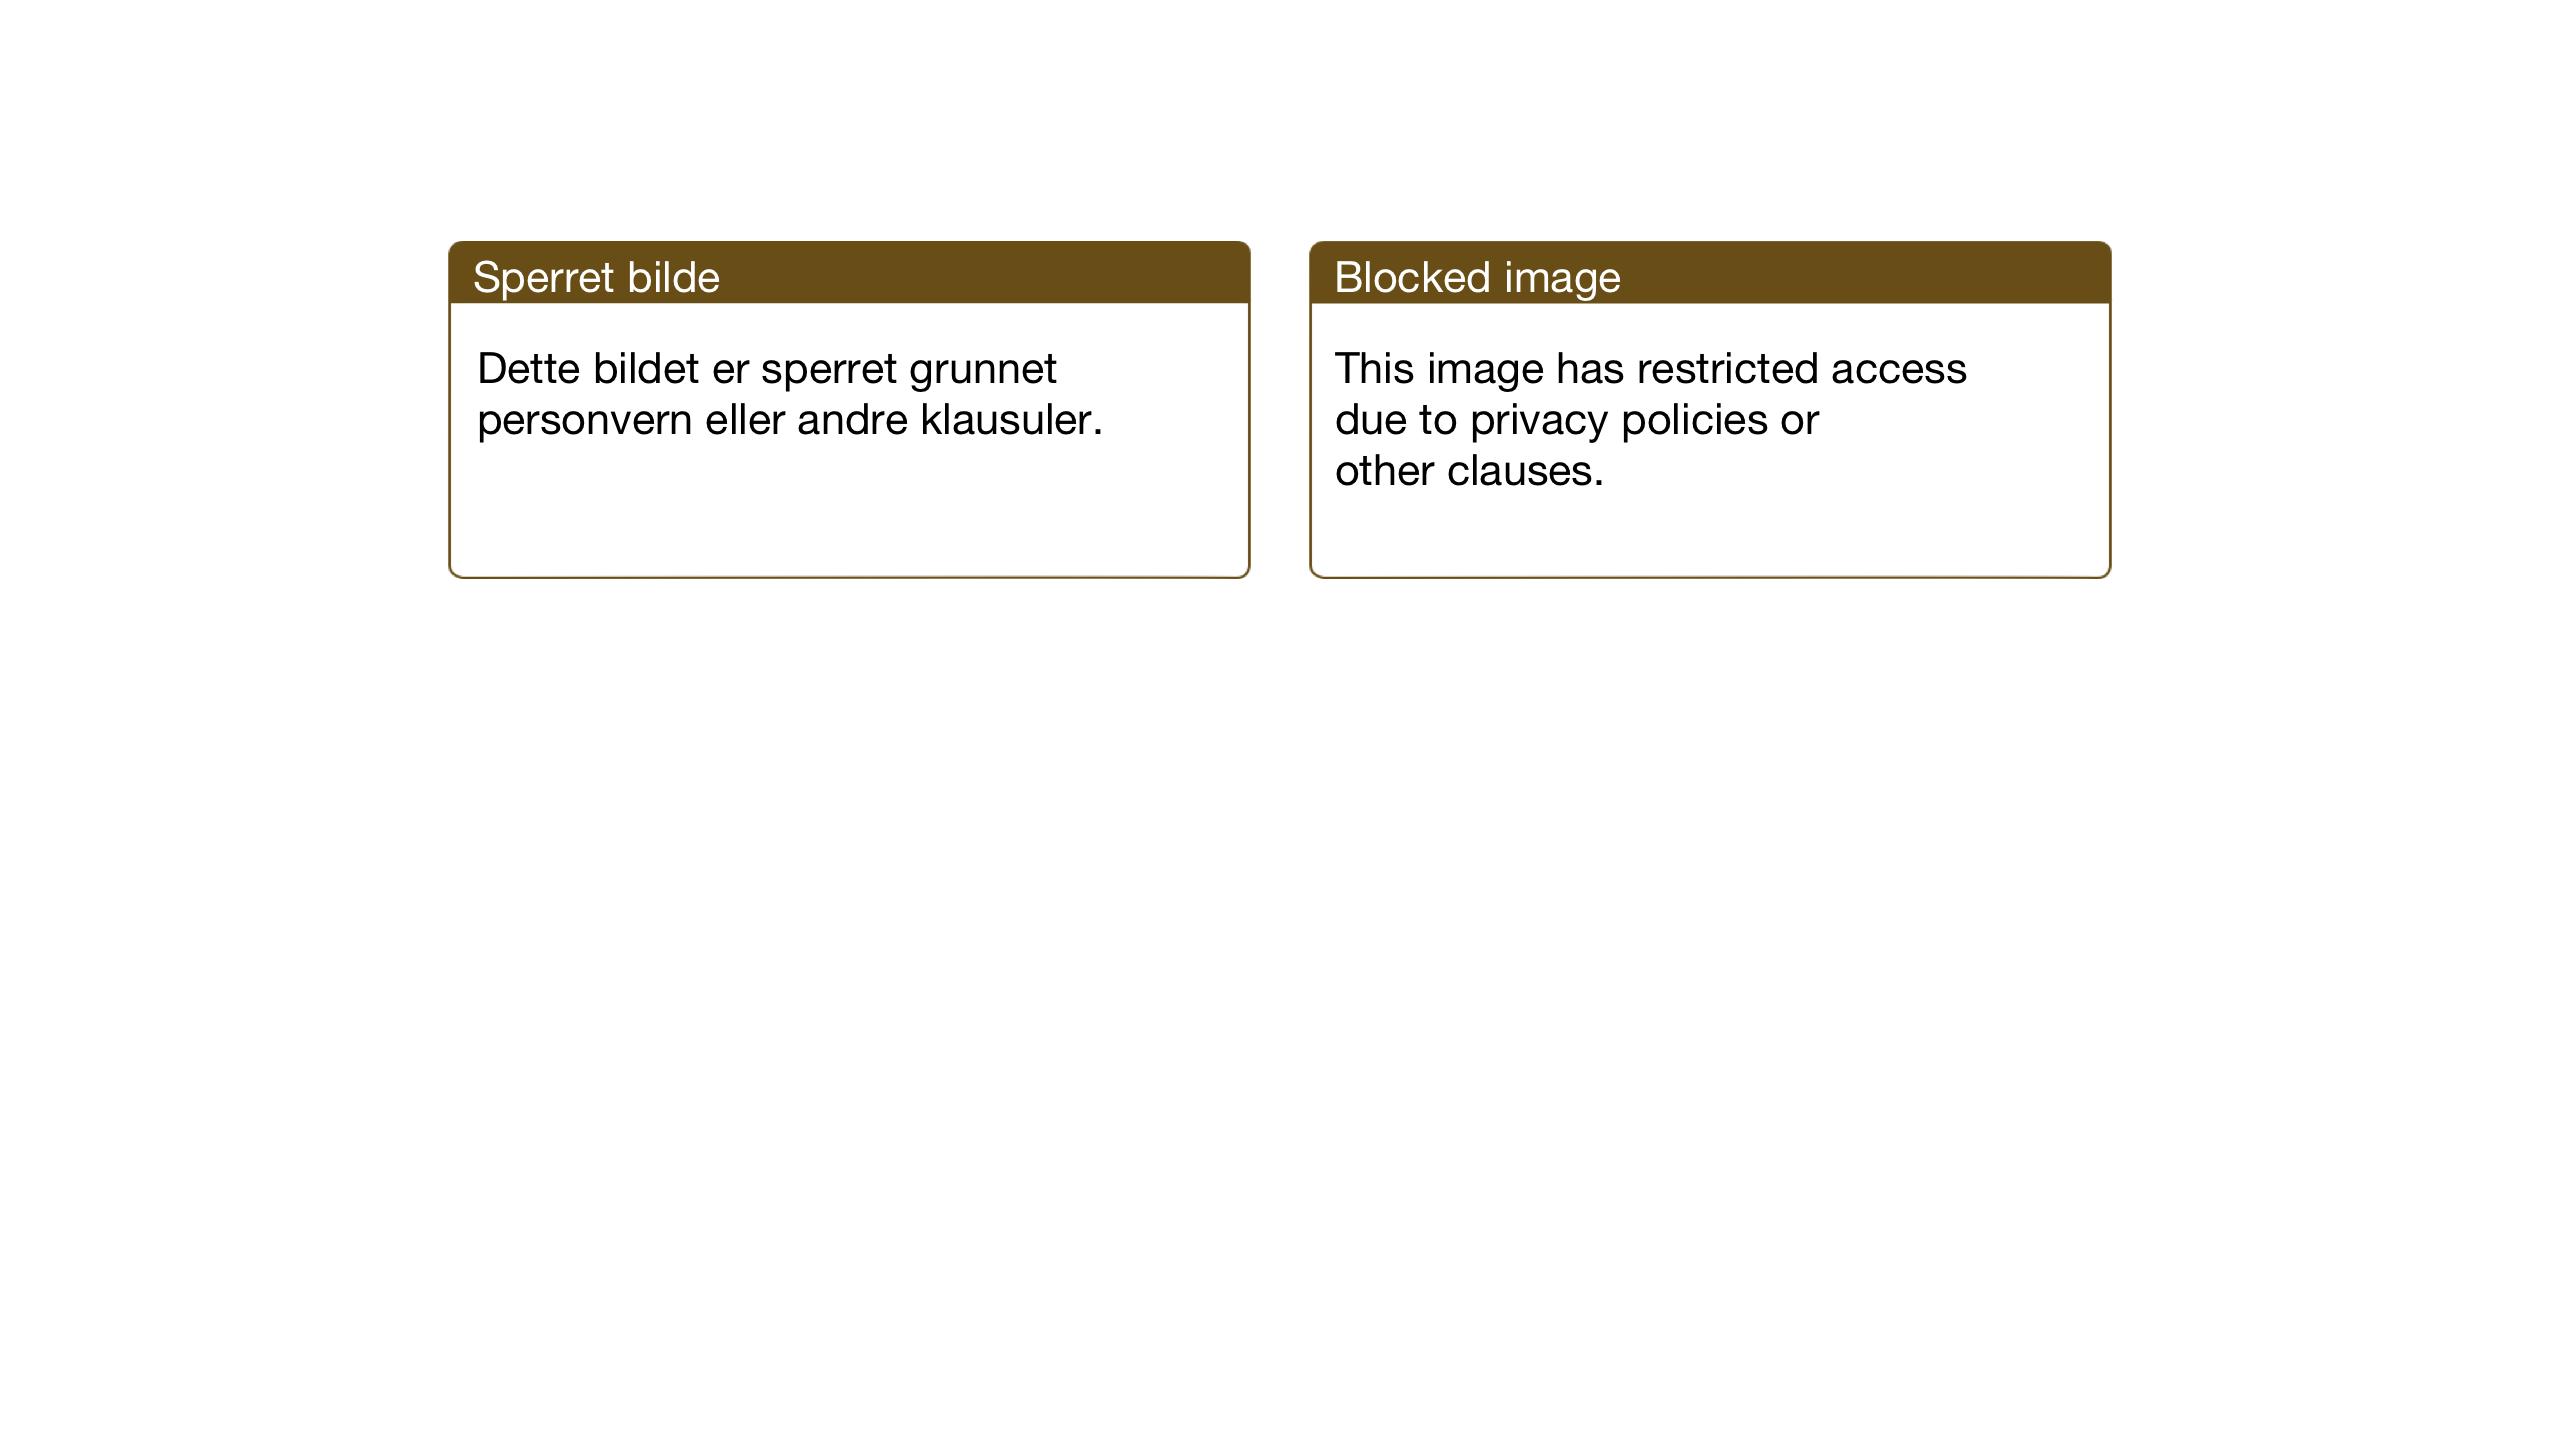 SAT, Ministerialprotokoller, klokkerbøker og fødselsregistre - Sør-Trøndelag, 690/L1053: Klokkerbok nr. 690C03, 1930-1947, s. 28